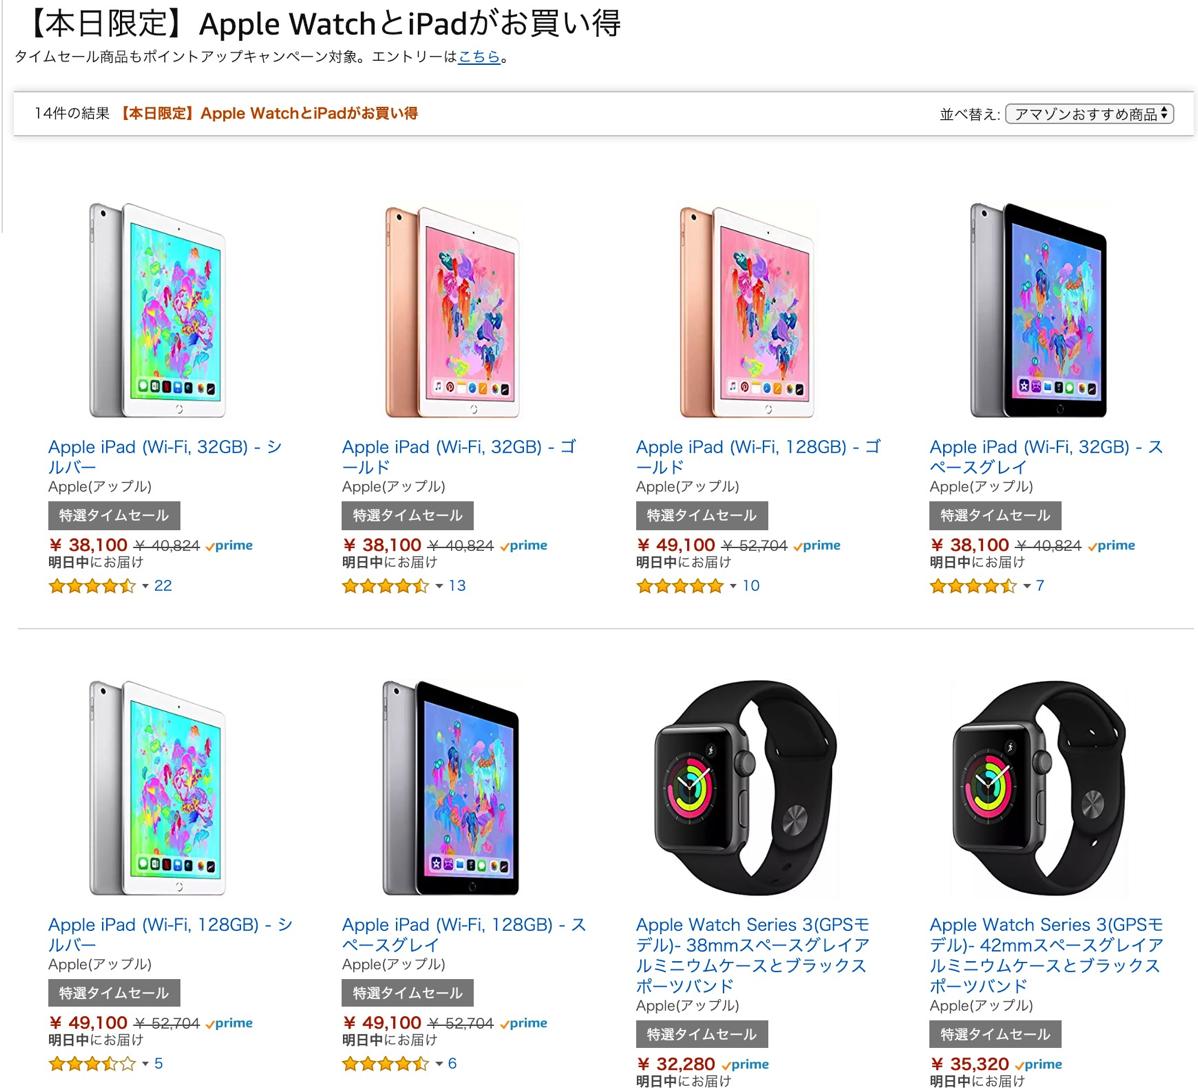 【本日限定】Apple WatchとiPadがお買い得